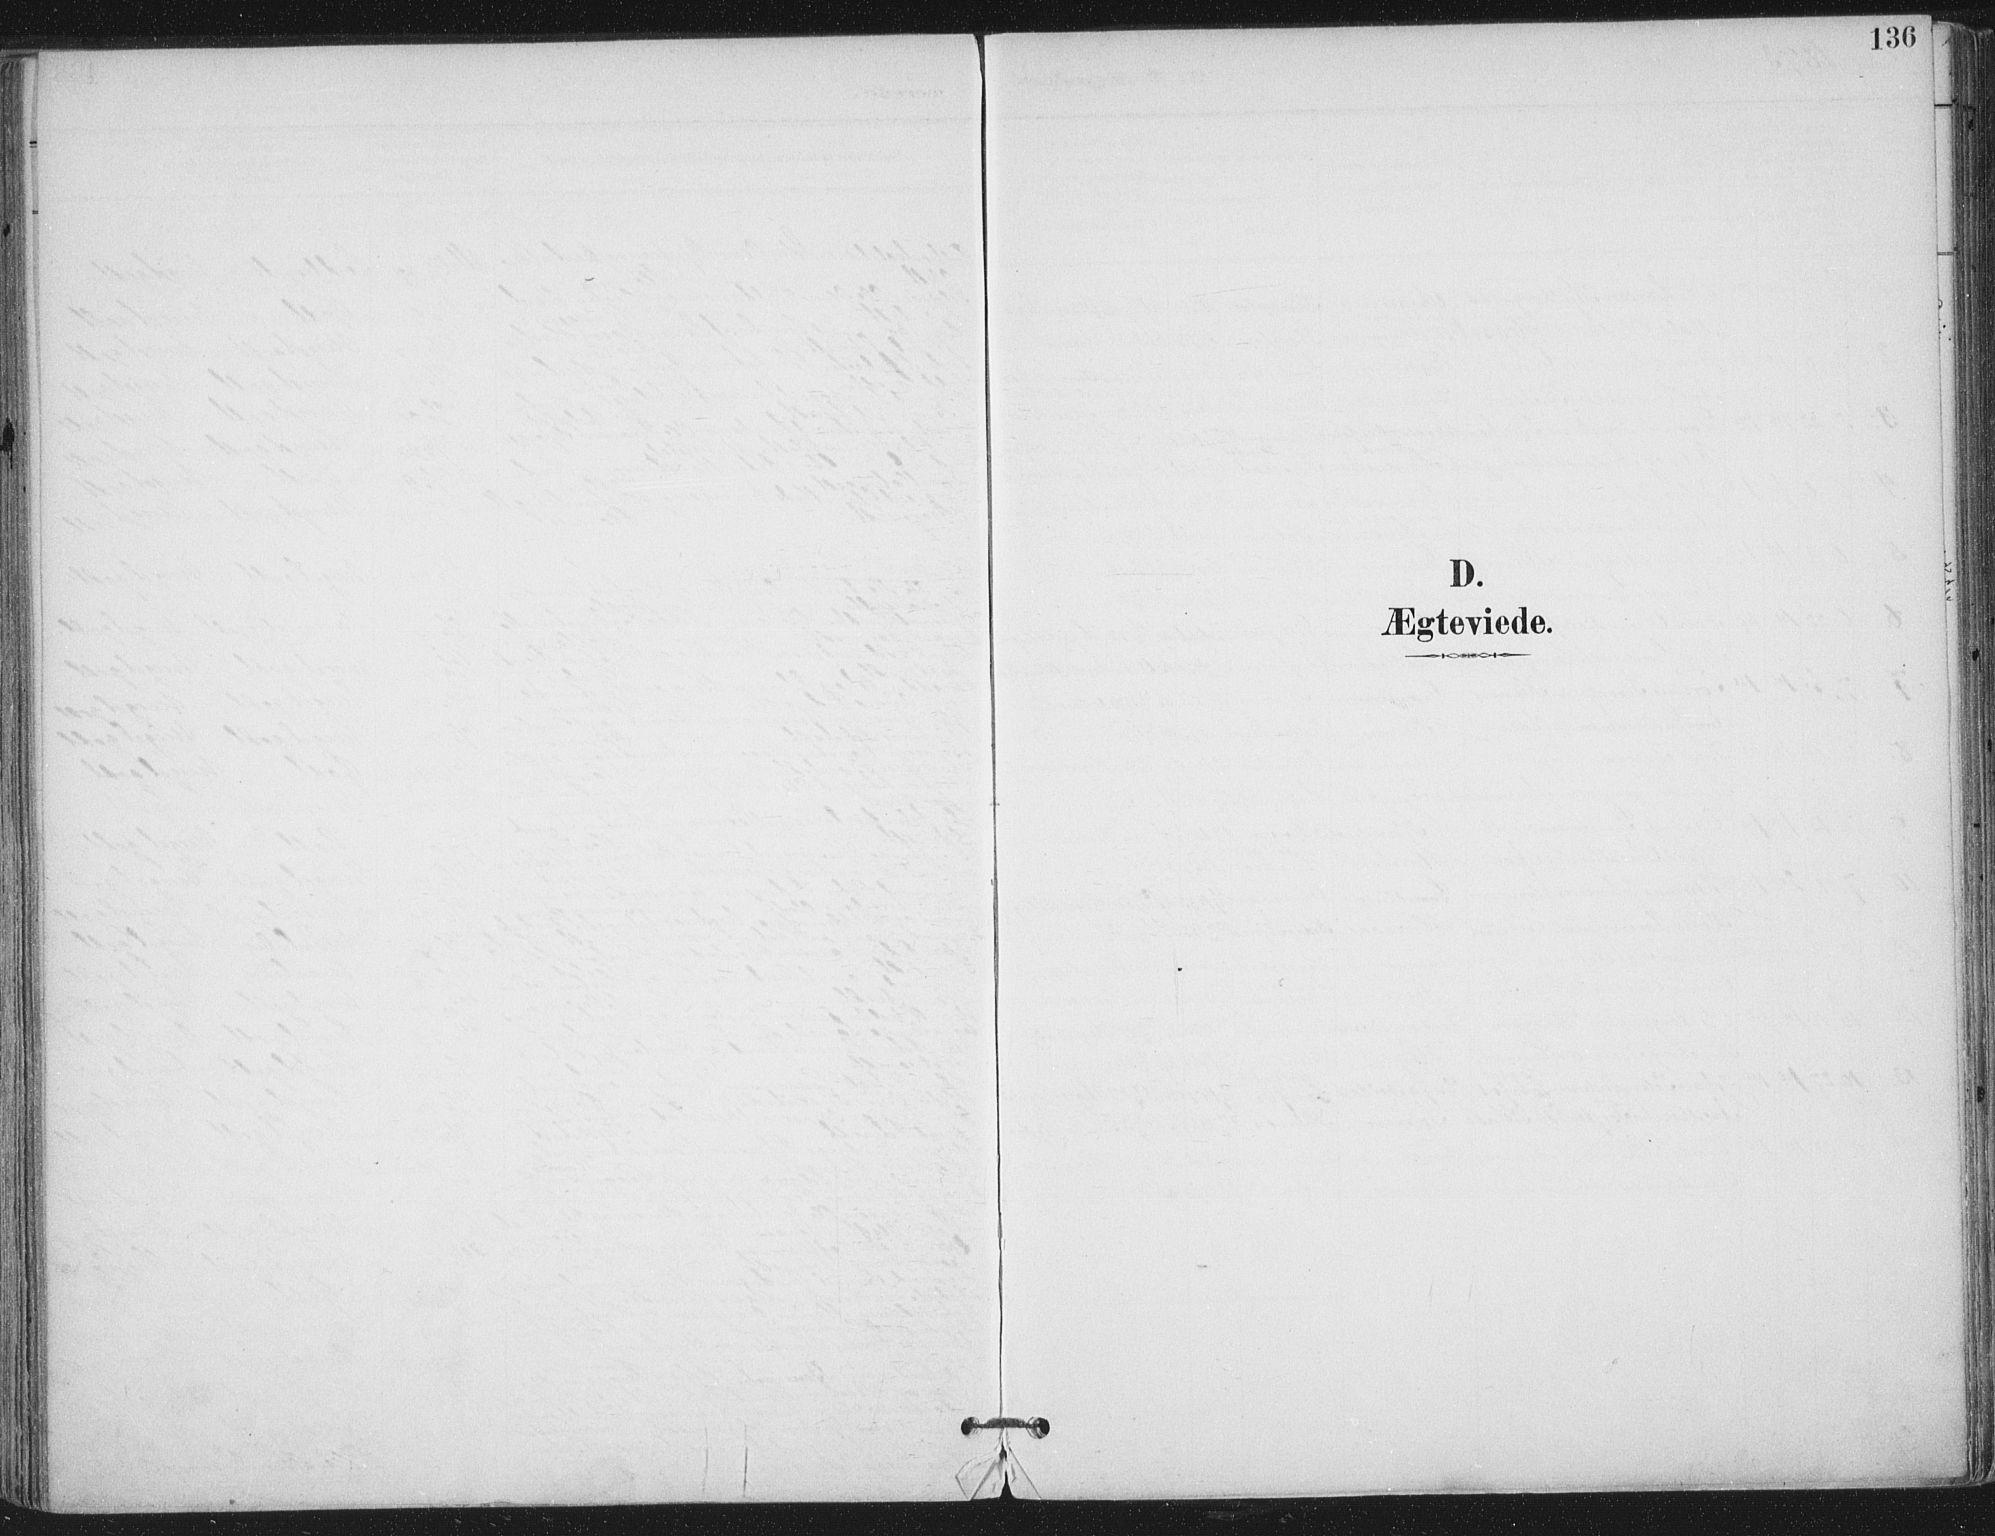 SAT, Ministerialprotokoller, klokkerbøker og fødselsregistre - Nord-Trøndelag, 703/L0031: Ministerialbok nr. 703A04, 1893-1914, s. 136